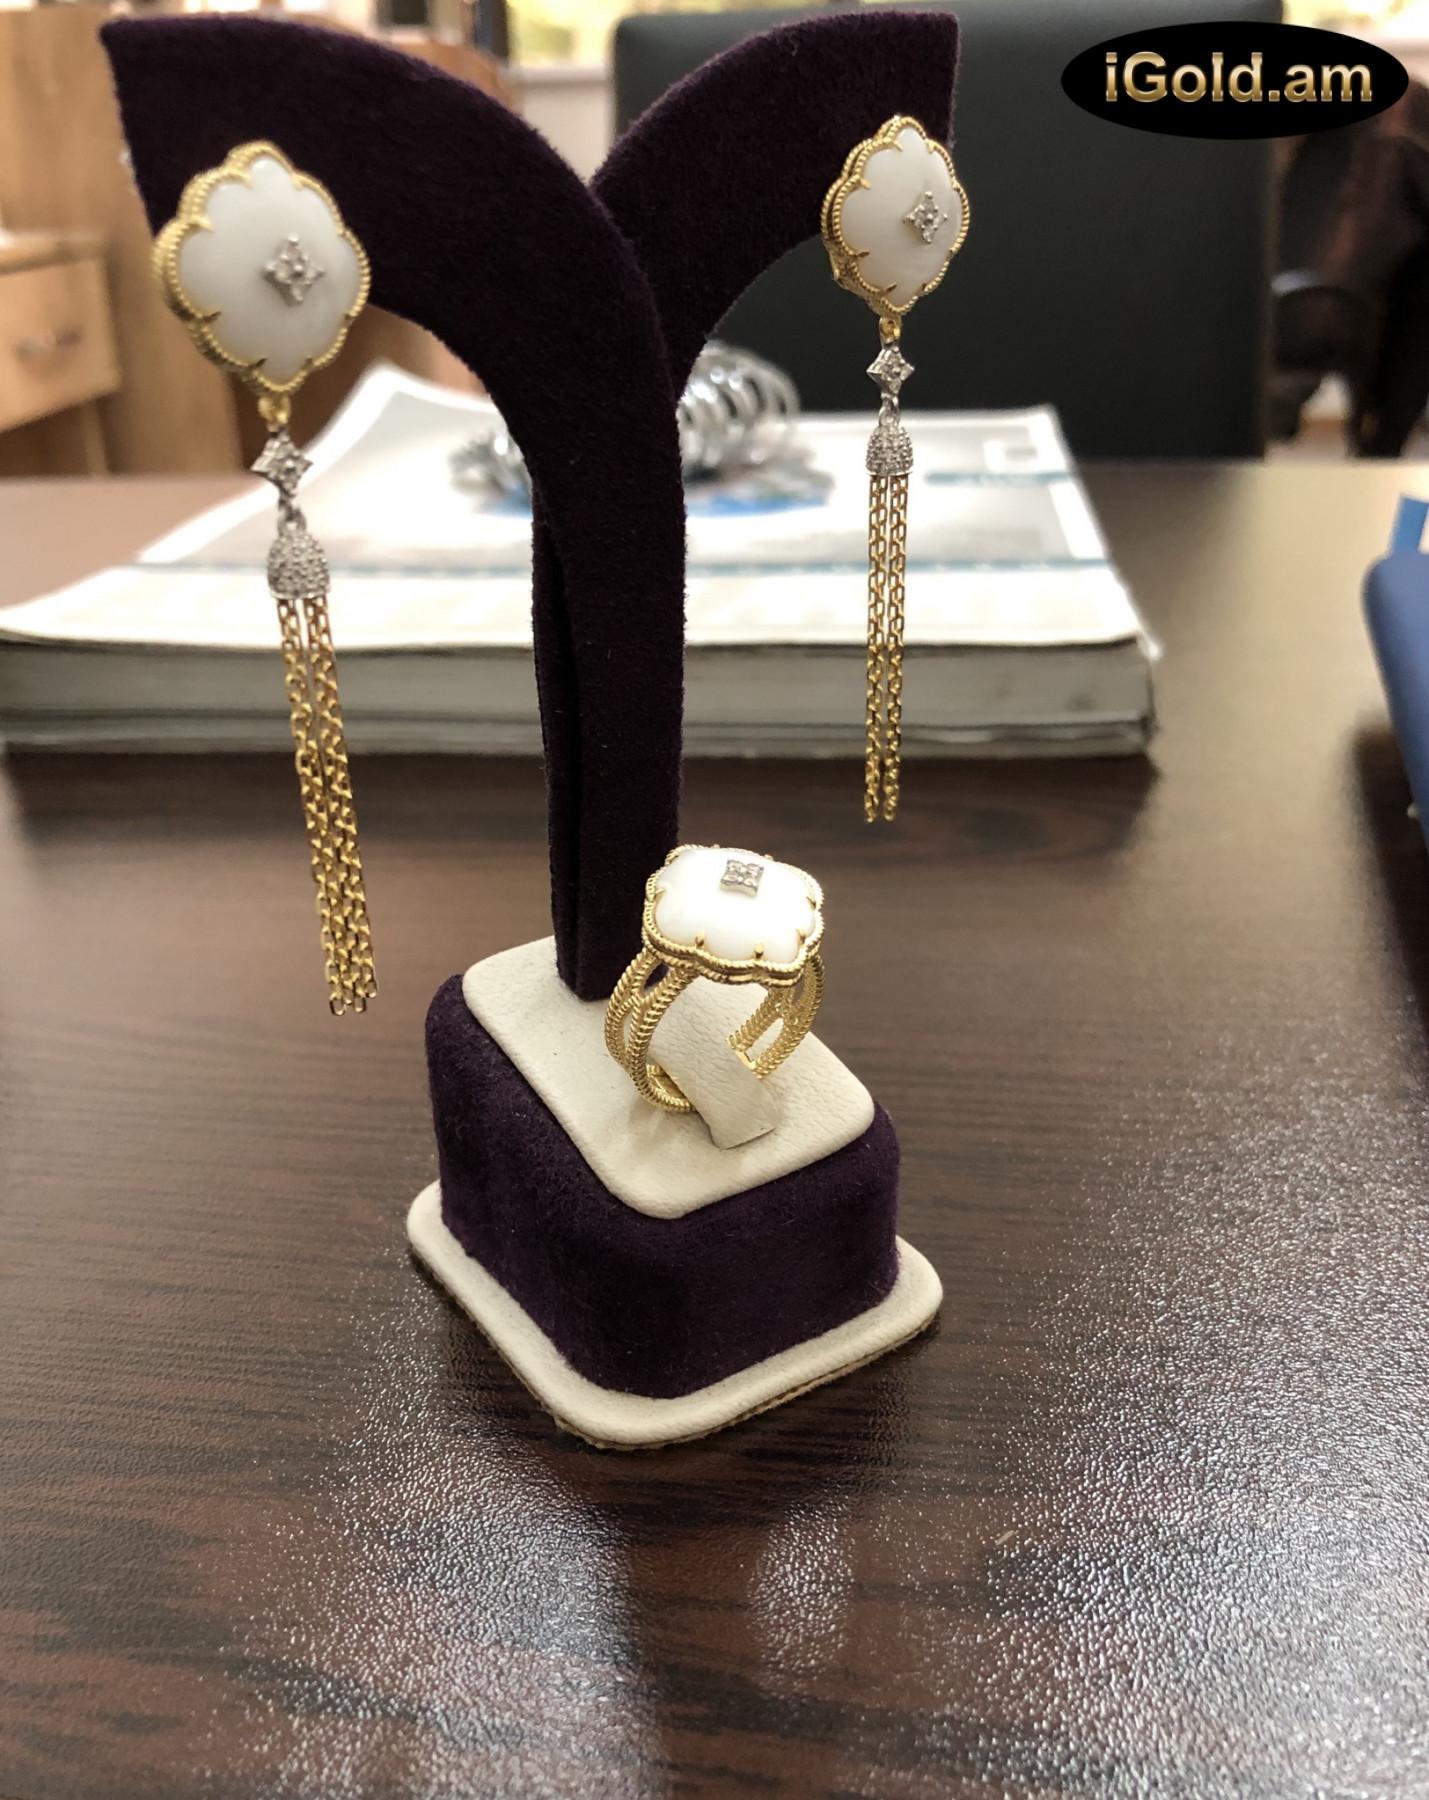 Ոսկյա կանացի էքսքլյուզիվ զարդեր ադամանդով, - 13.8 - կոդ 151-705 voskya kanaci eqsqlyuziv zarder adamandov, - 13.8